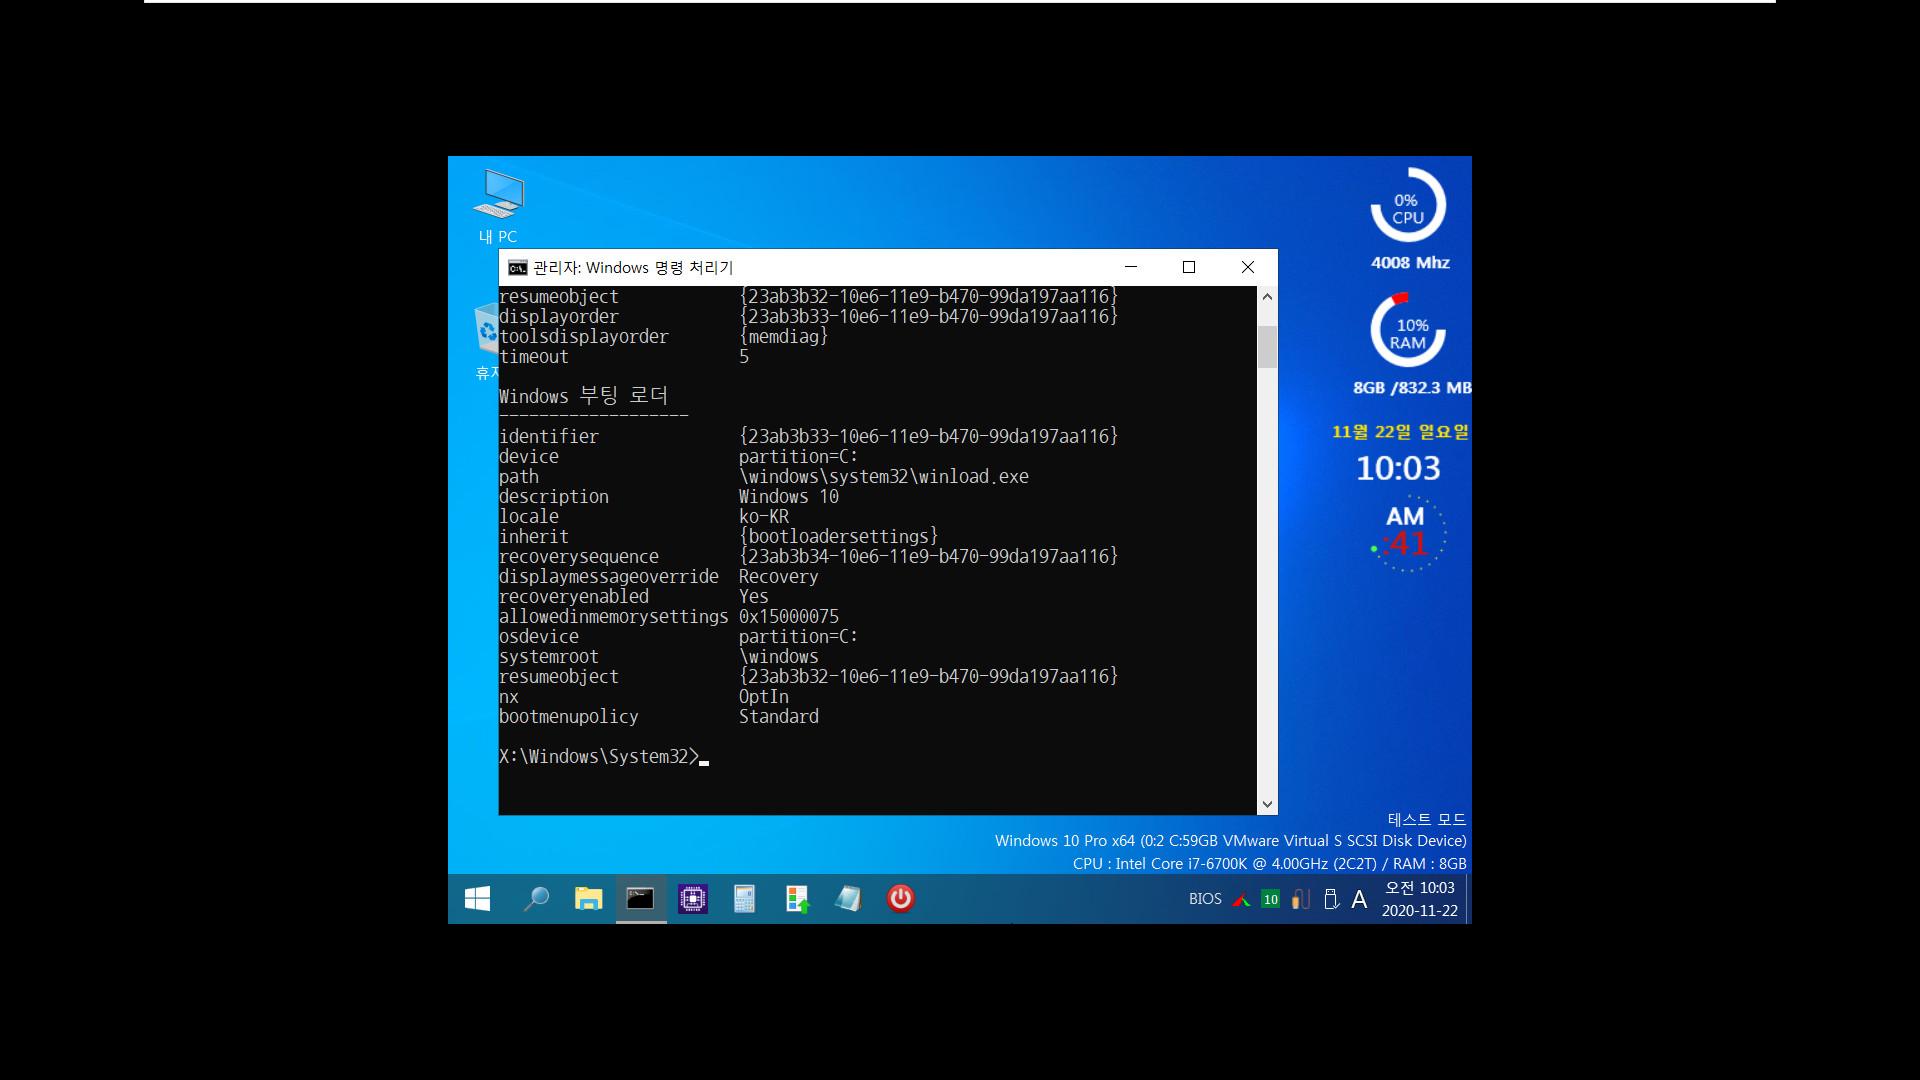 PE부팅등록+우클릭에1회성PE부팅하기.bat 테스트 - 우클릭으로만 PE 부팅하시는 방법 - displayorder로 부팅 메뉴에 등록하지 않으시면 됩니다 2020-11-22_100341.jpg